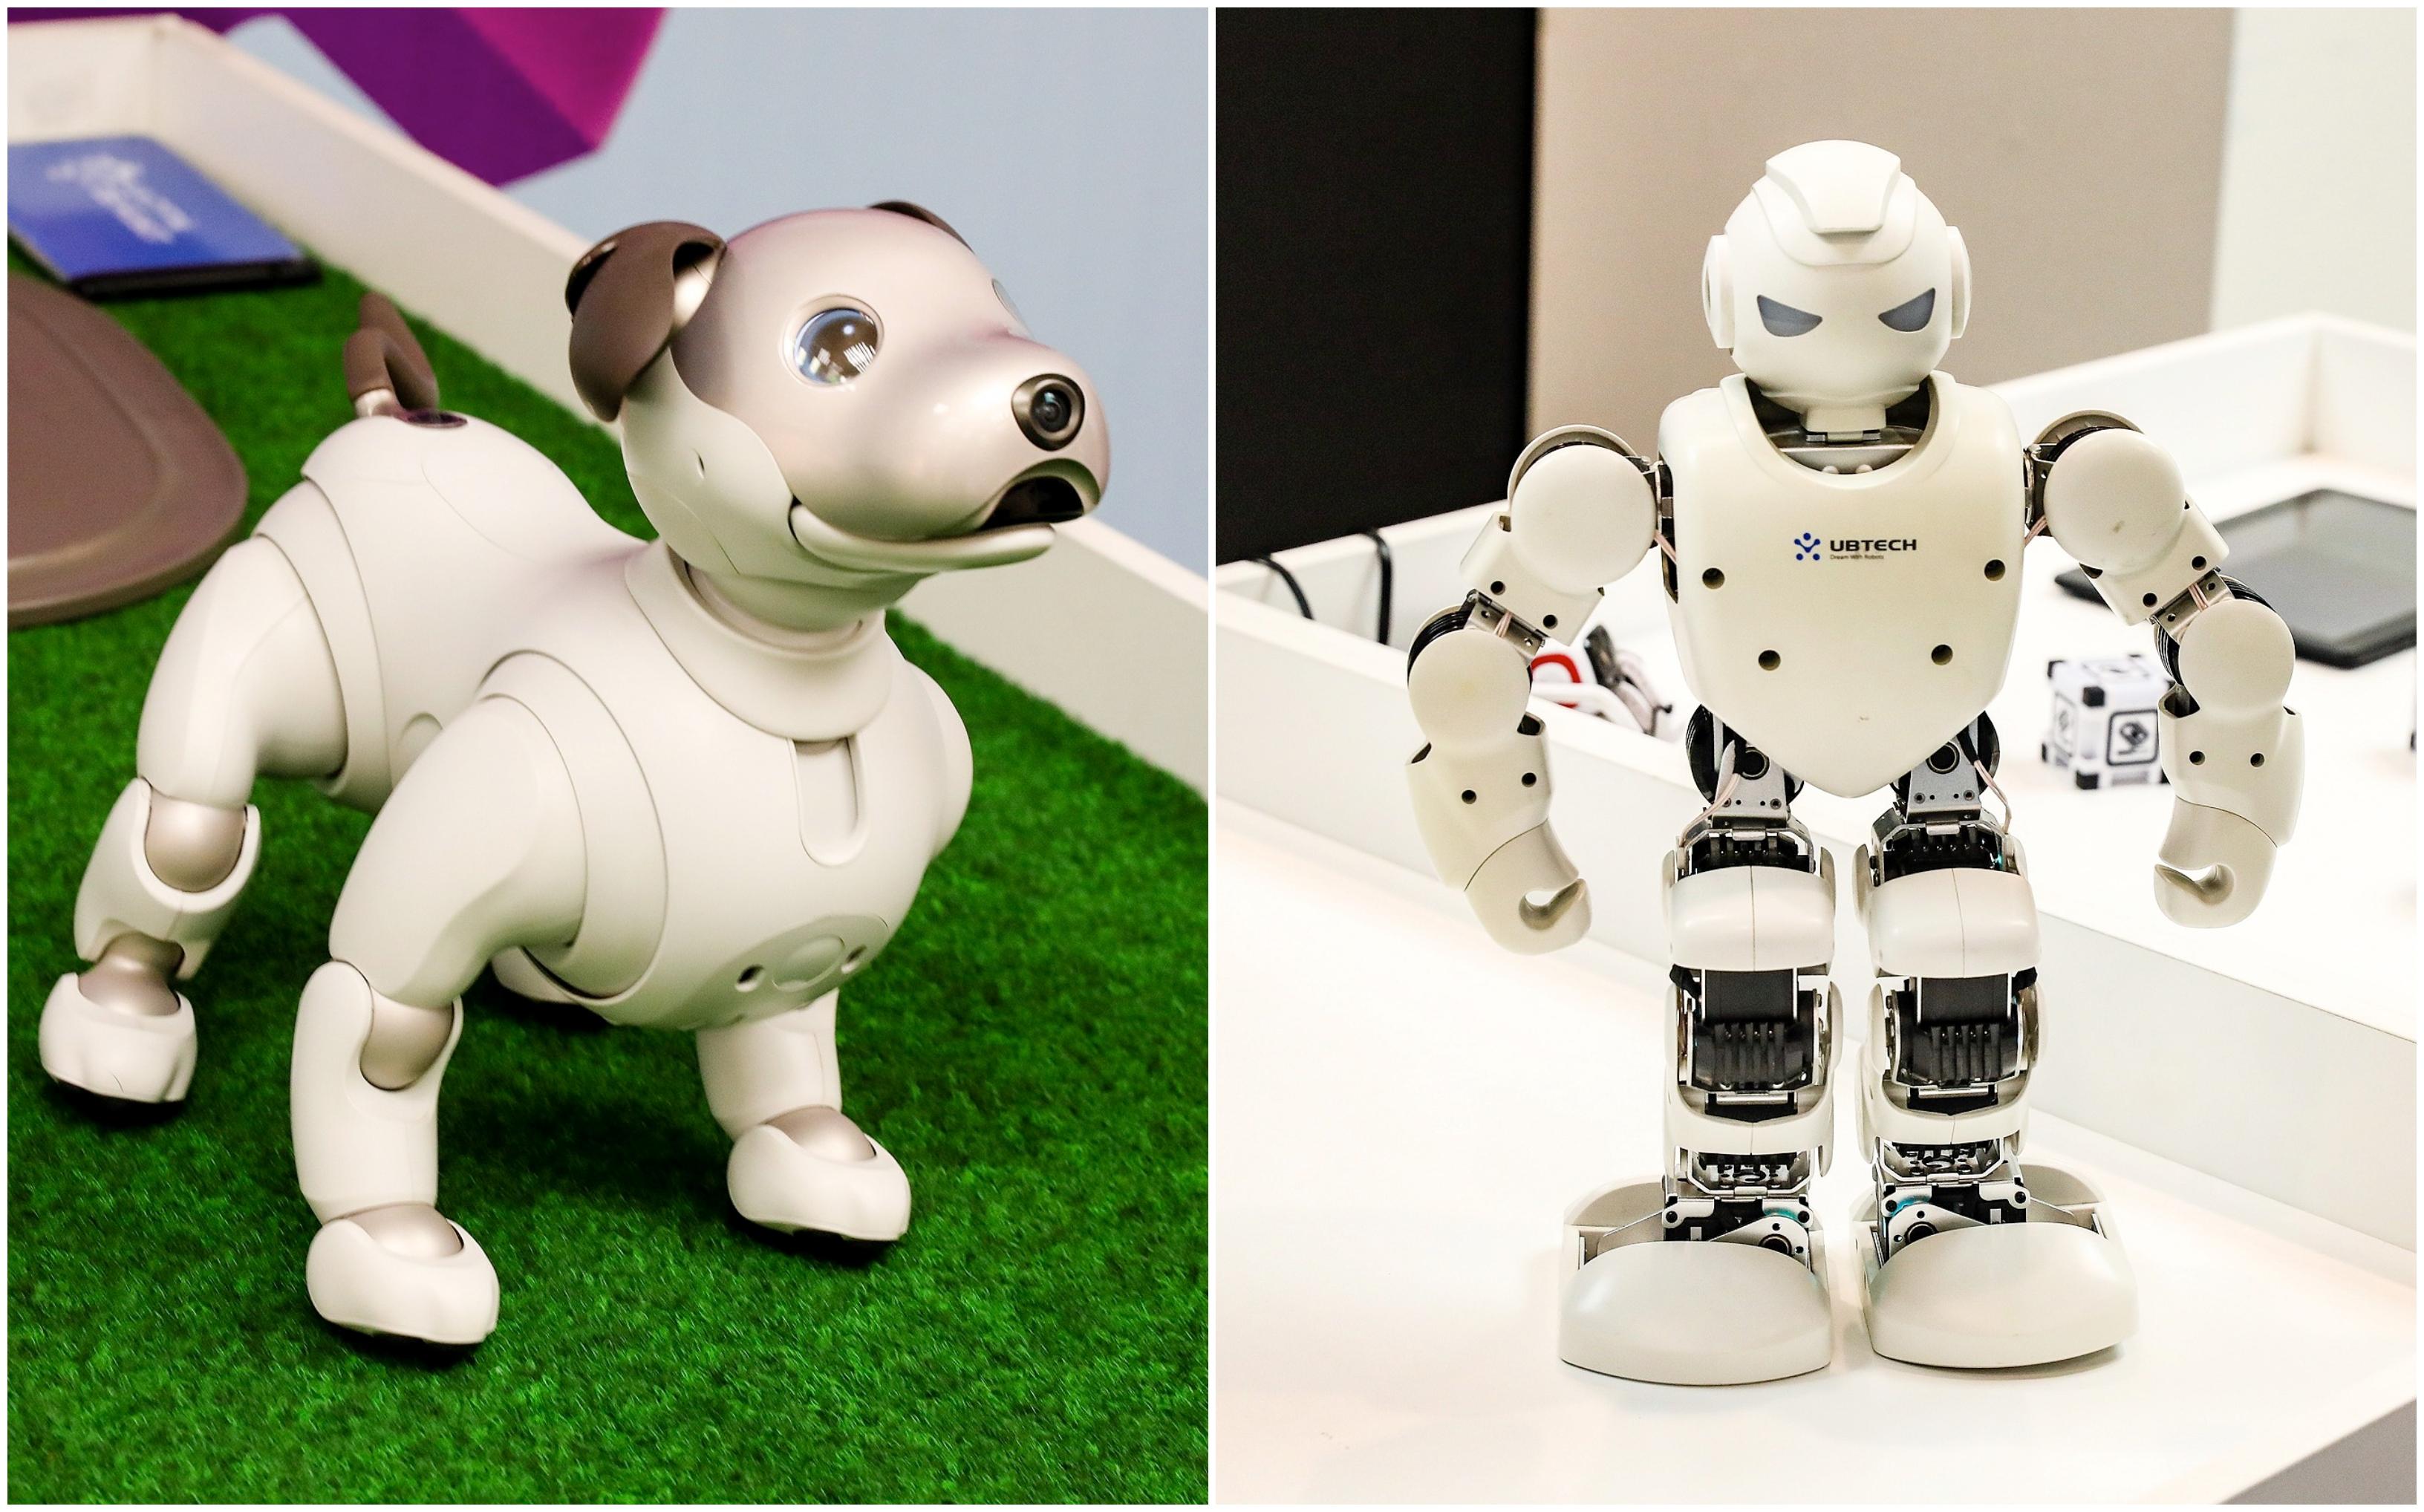 roboto bendra prekybos bendrov dvejetainiai parinktys robotas pietų afrika